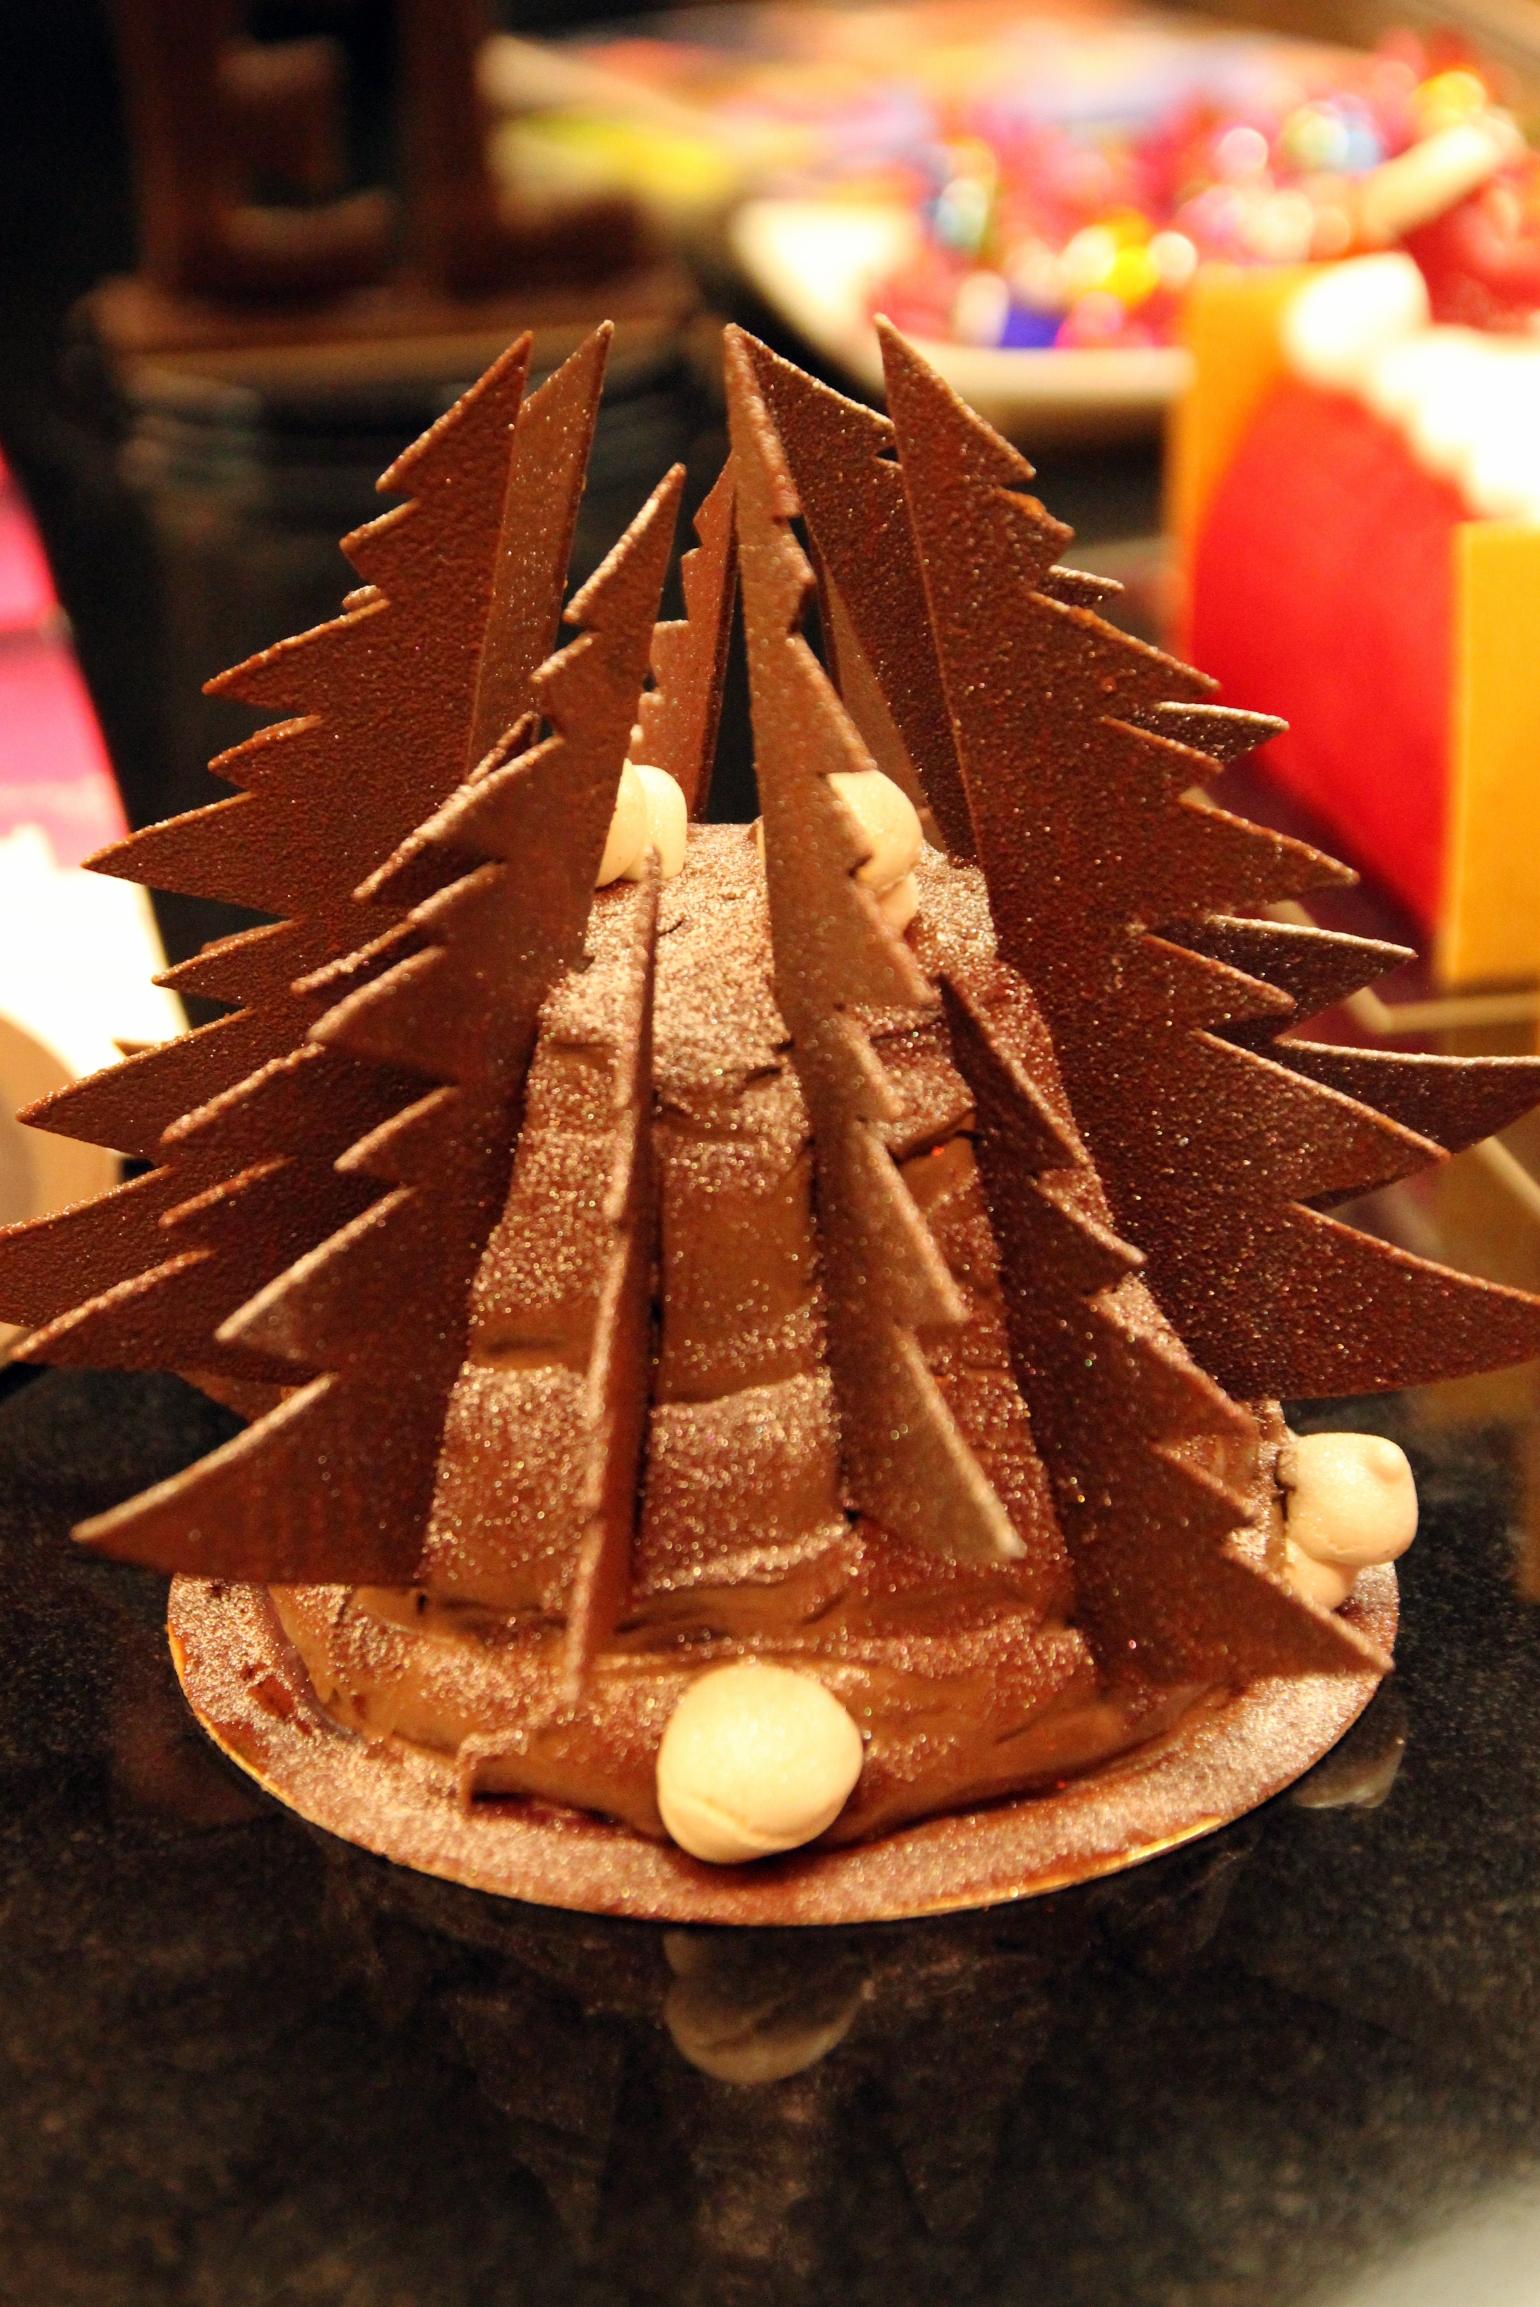 B ches et chocolats de no l chez s bastien bouillet - Herve cuisine foret noire ...